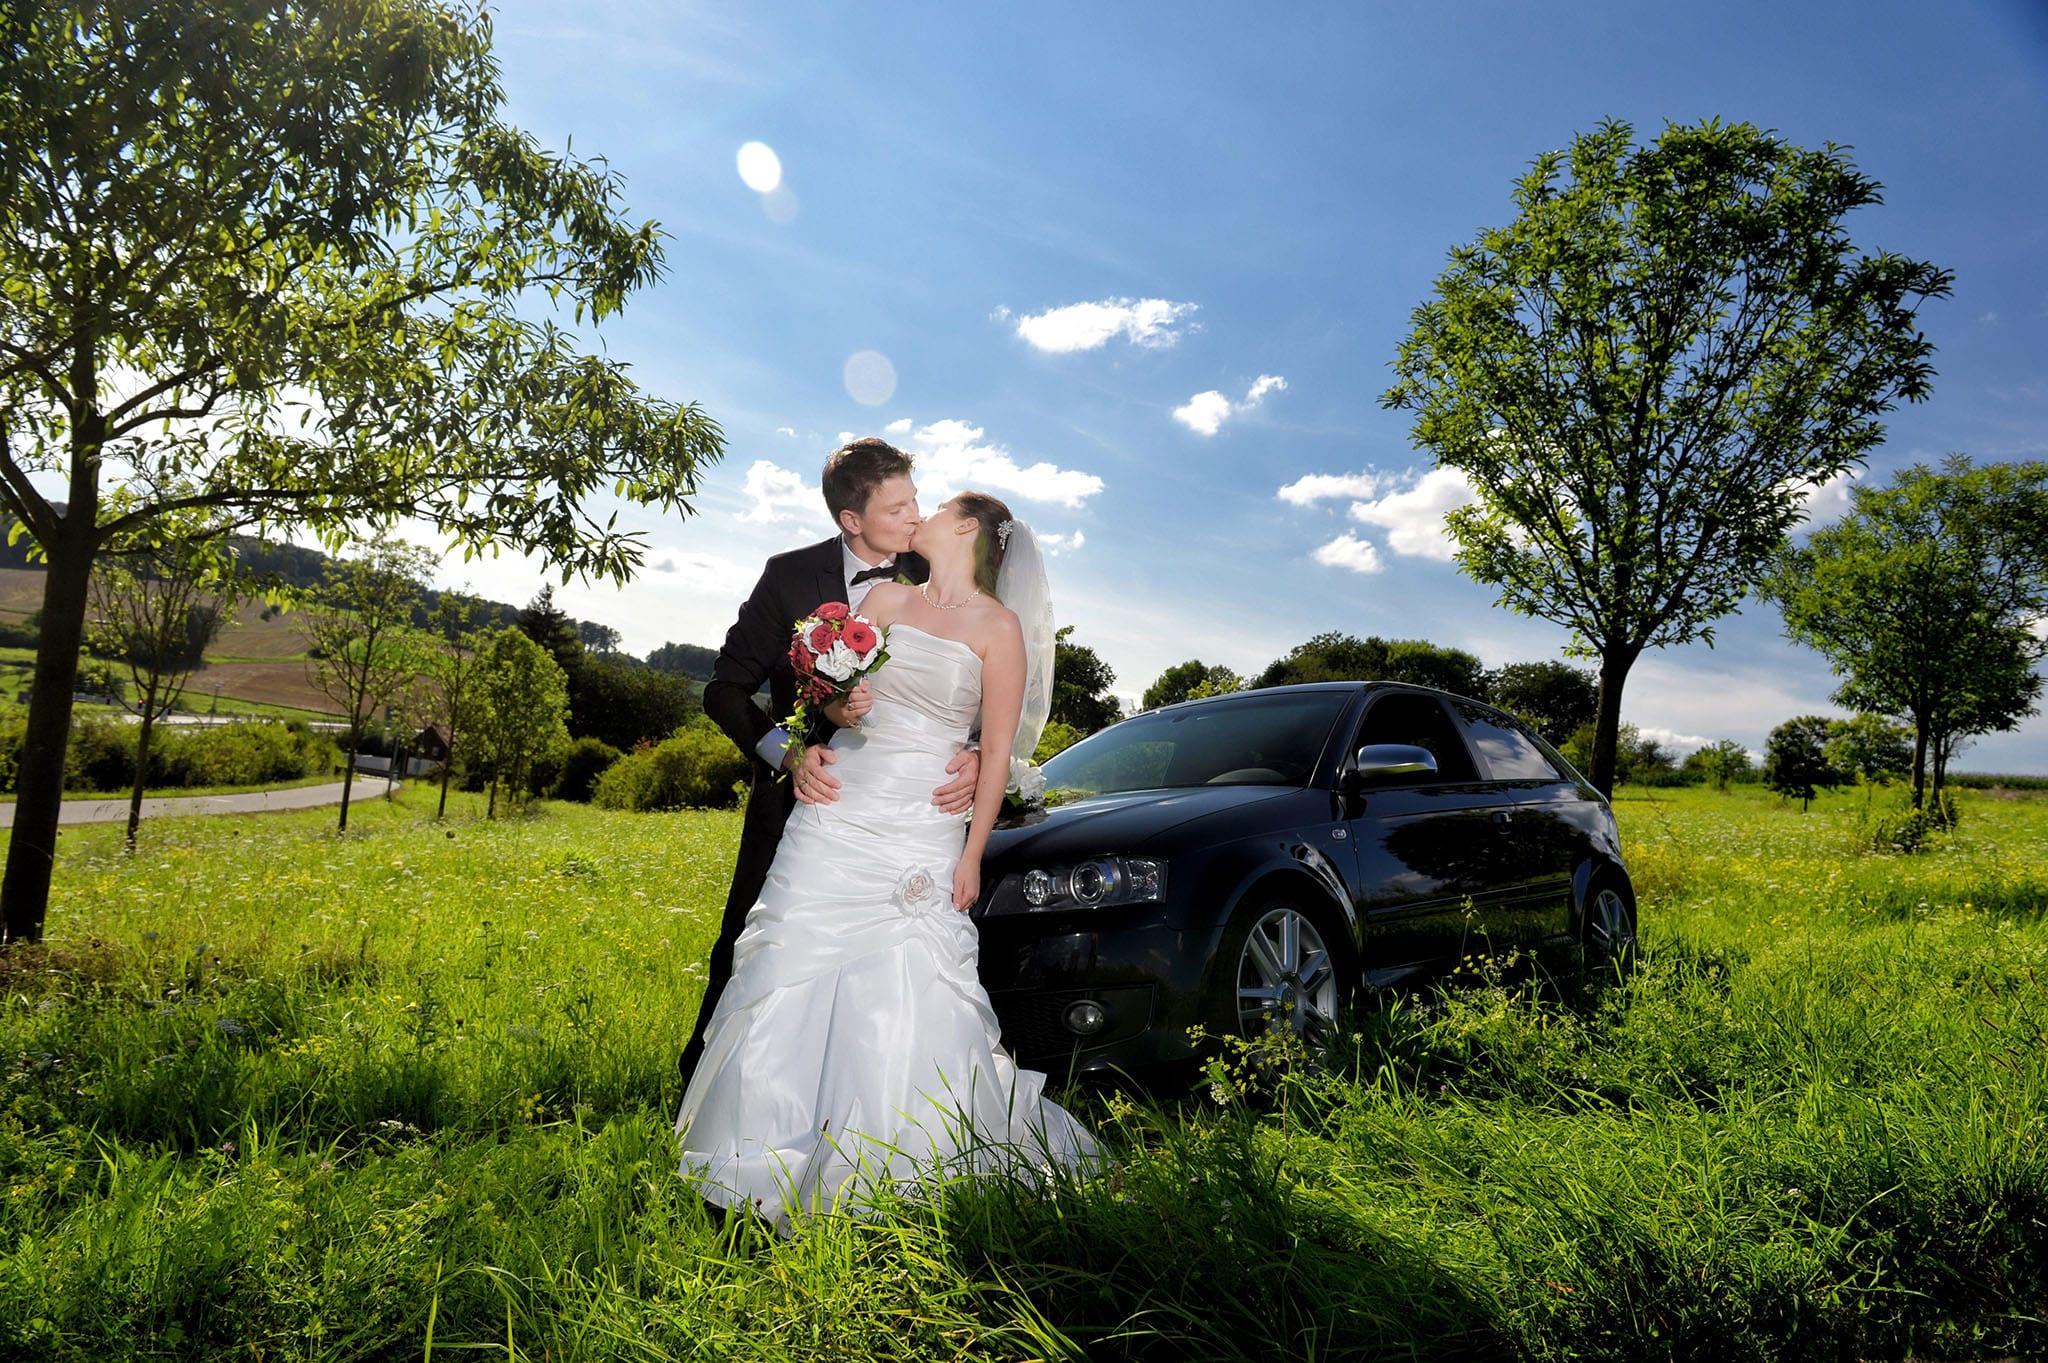 Hochzeit 046 Brautpaar Braut Bräutigam Hochzeit heiraten Paarshooting Hochzeitsfoto Hochzeitsfotografie Daniel Fuss Fotografie